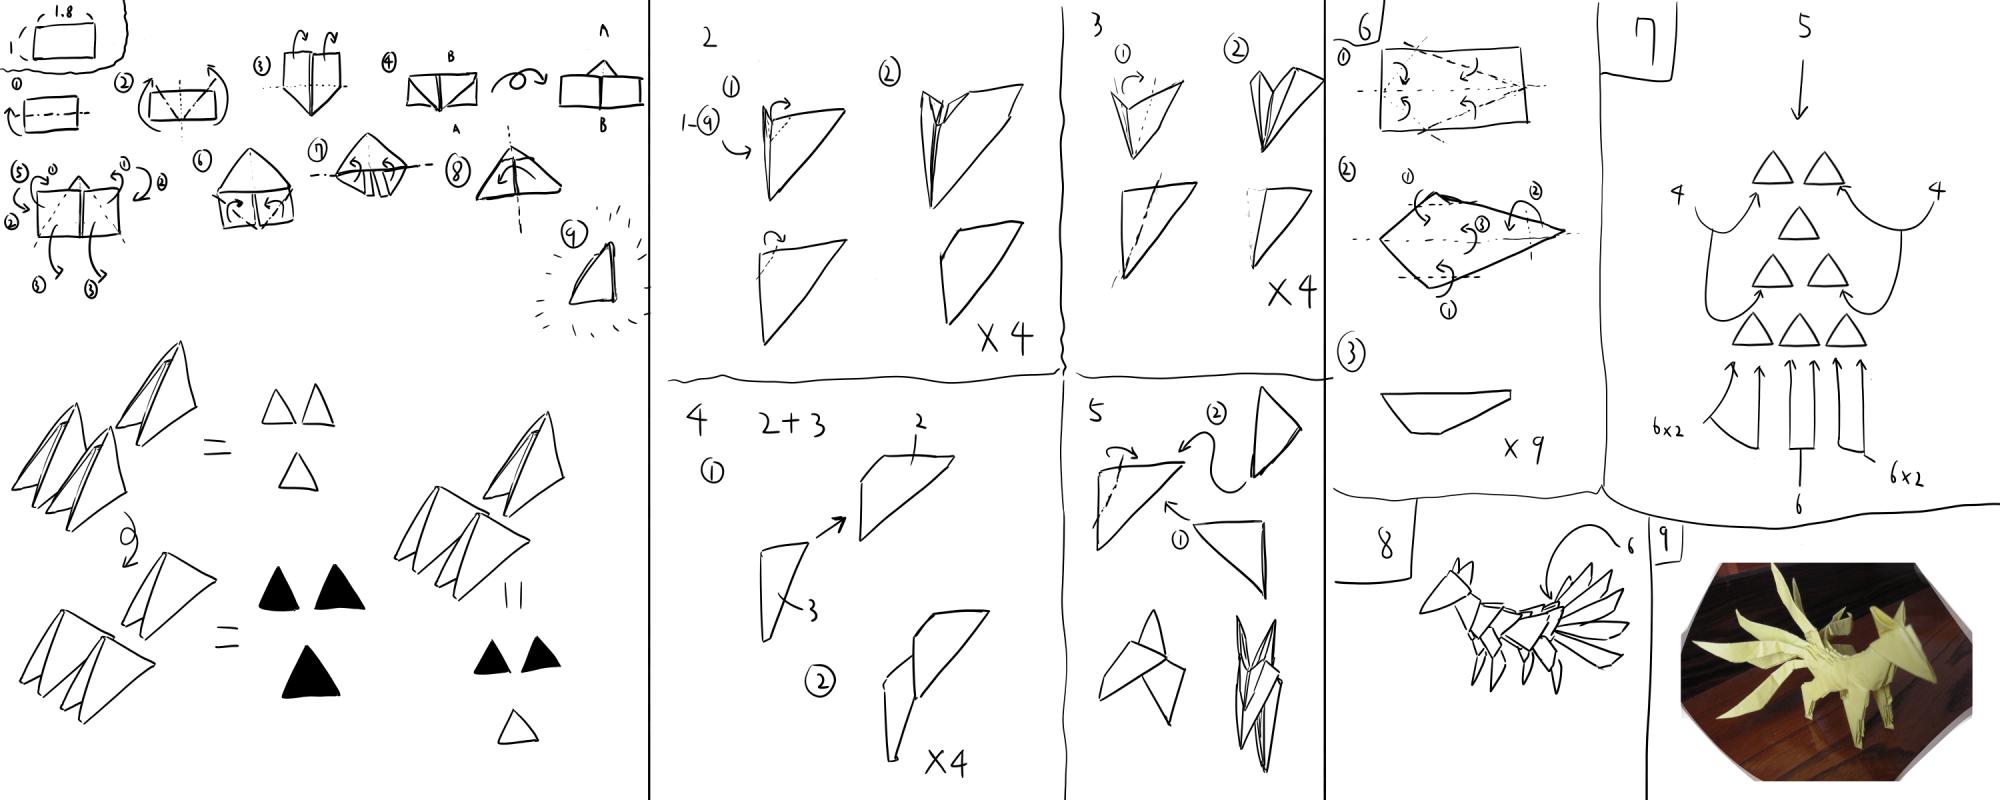 3d origami Nine-tailed fox how to build. by kumazaza